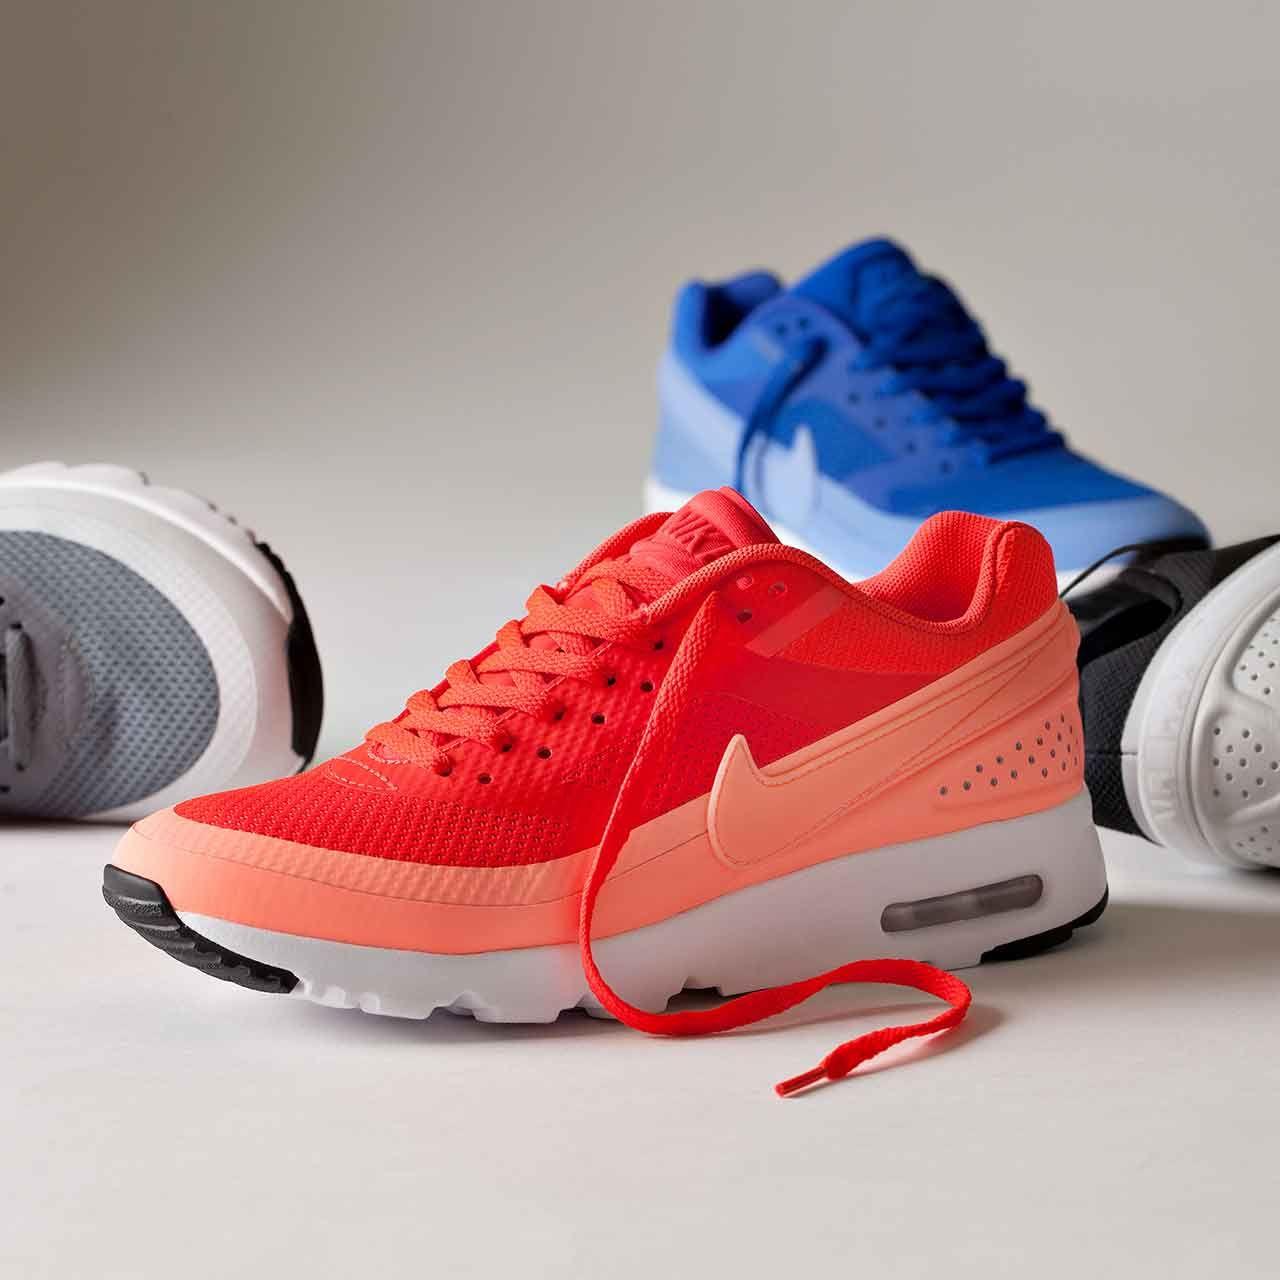 Nike Air Max Dans Les Choses De Couleur Rouge